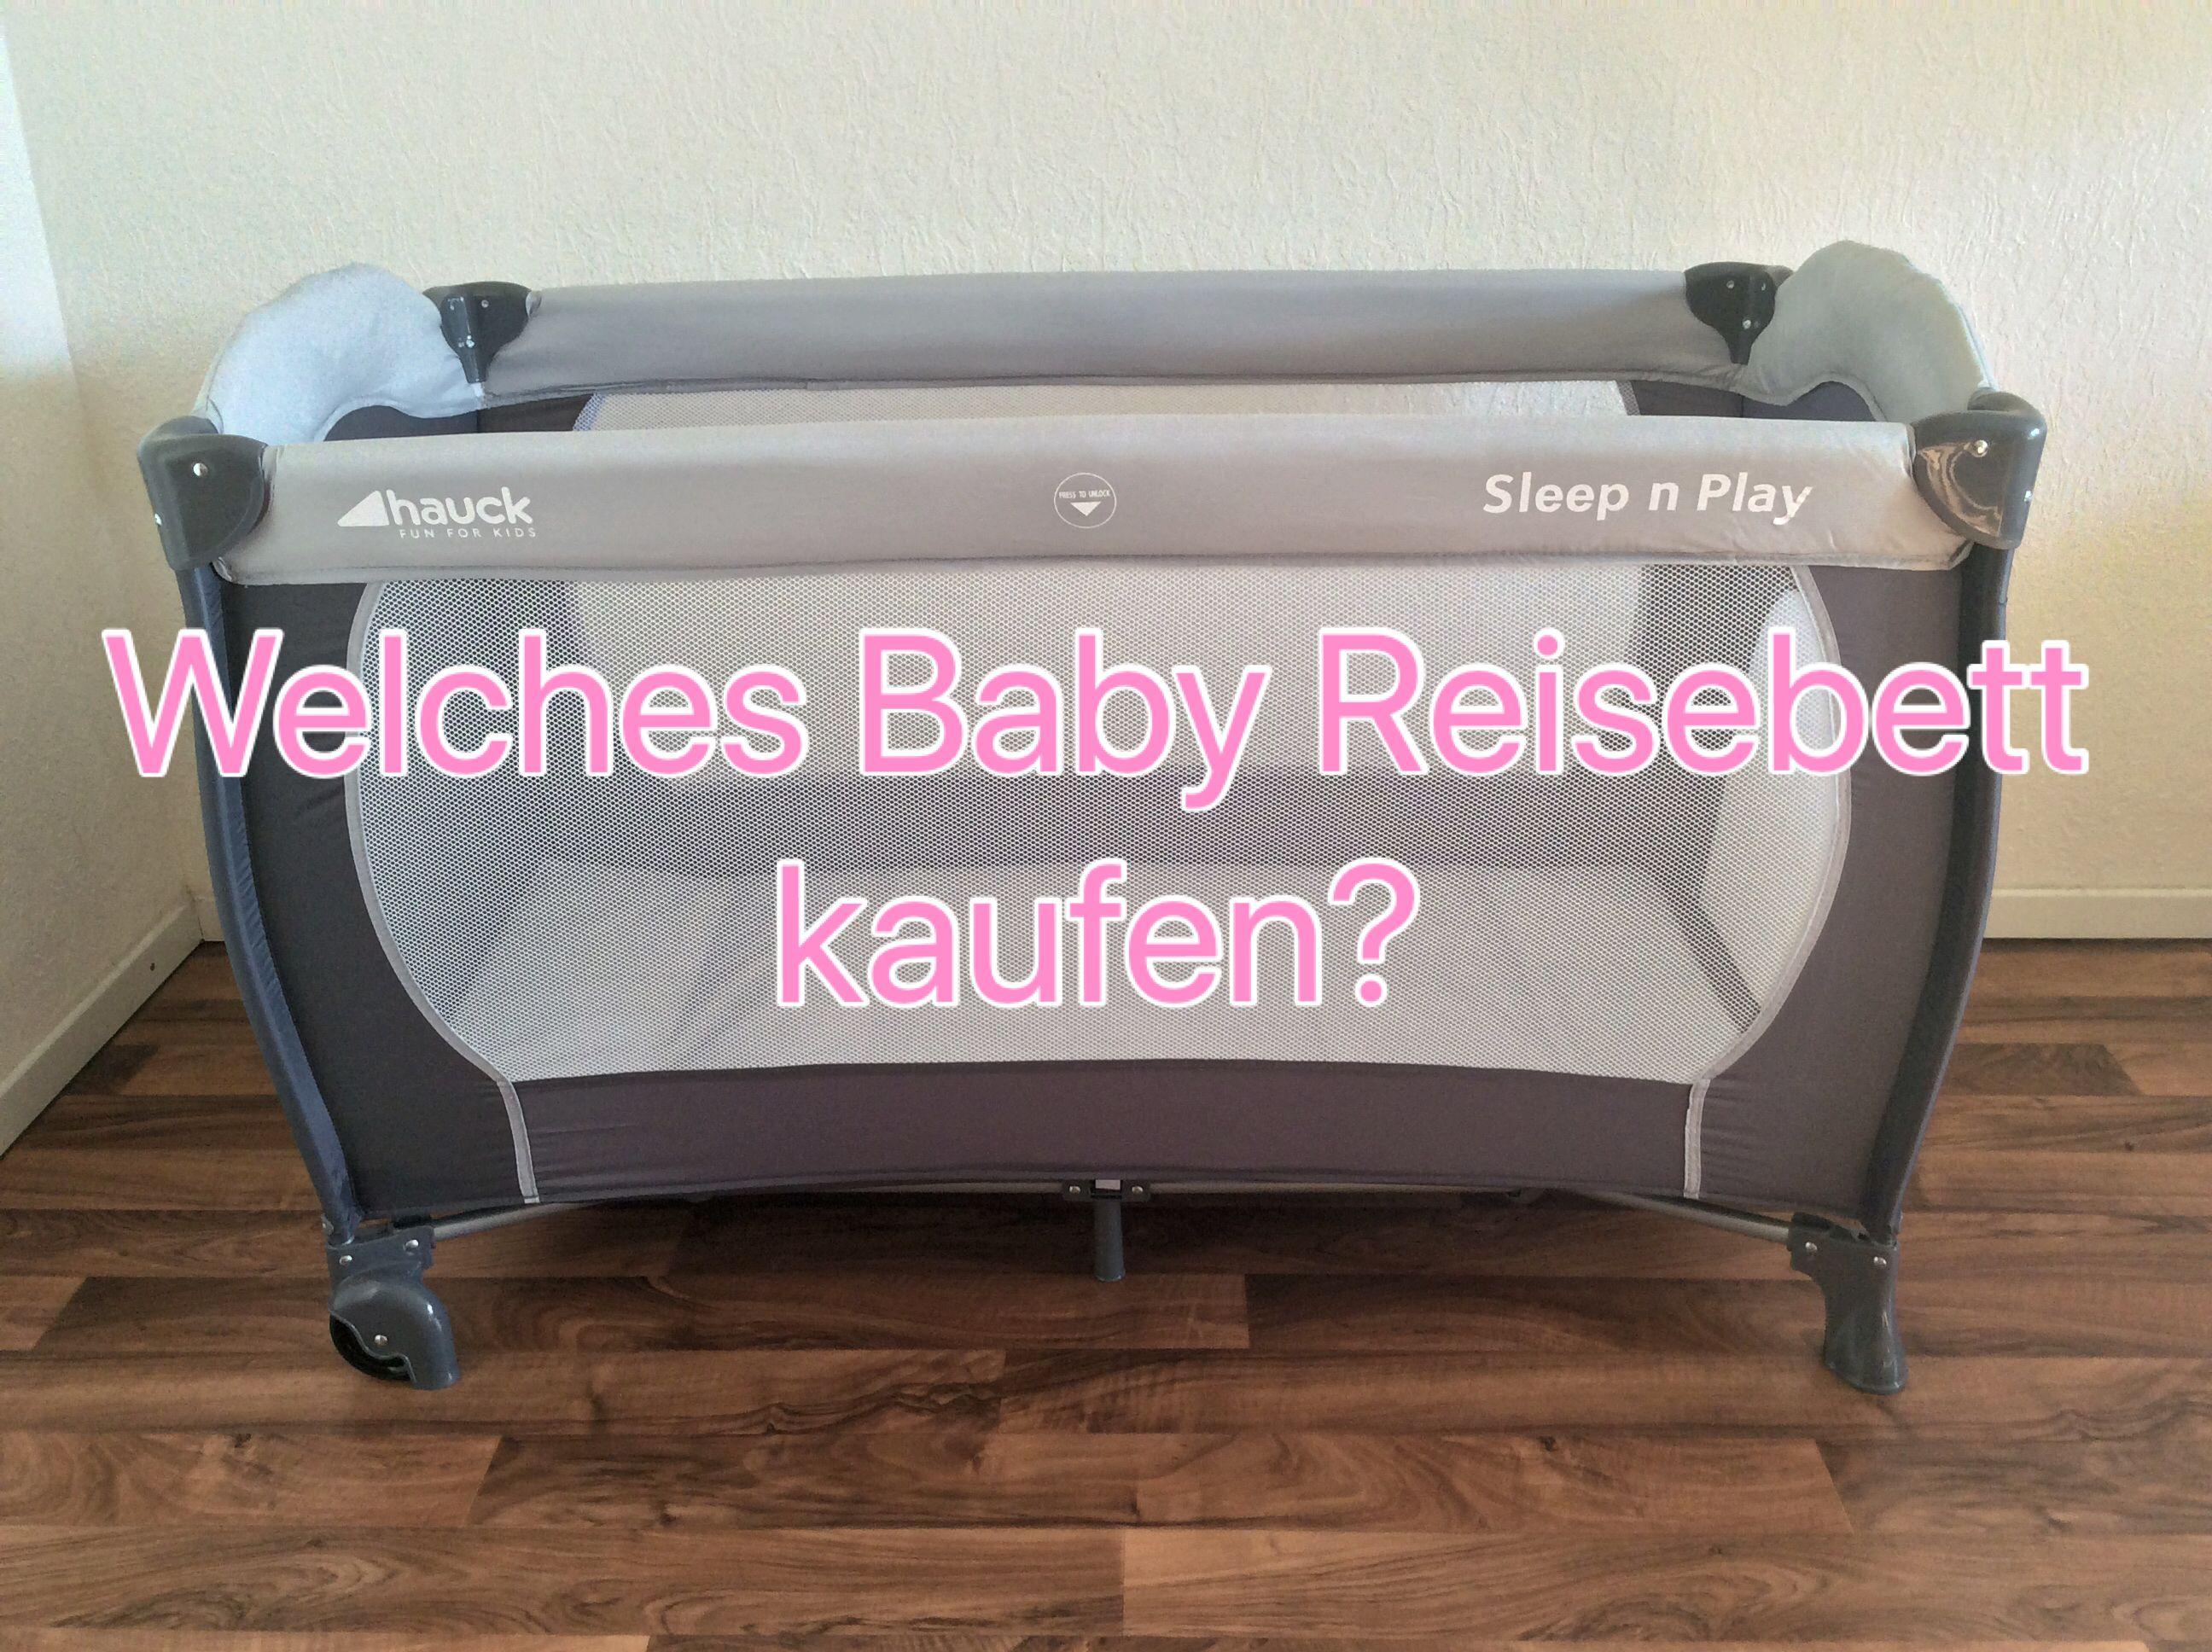 Welches Baby Reisebett Kaufen Reisebett Baby Reisebett Und Baby